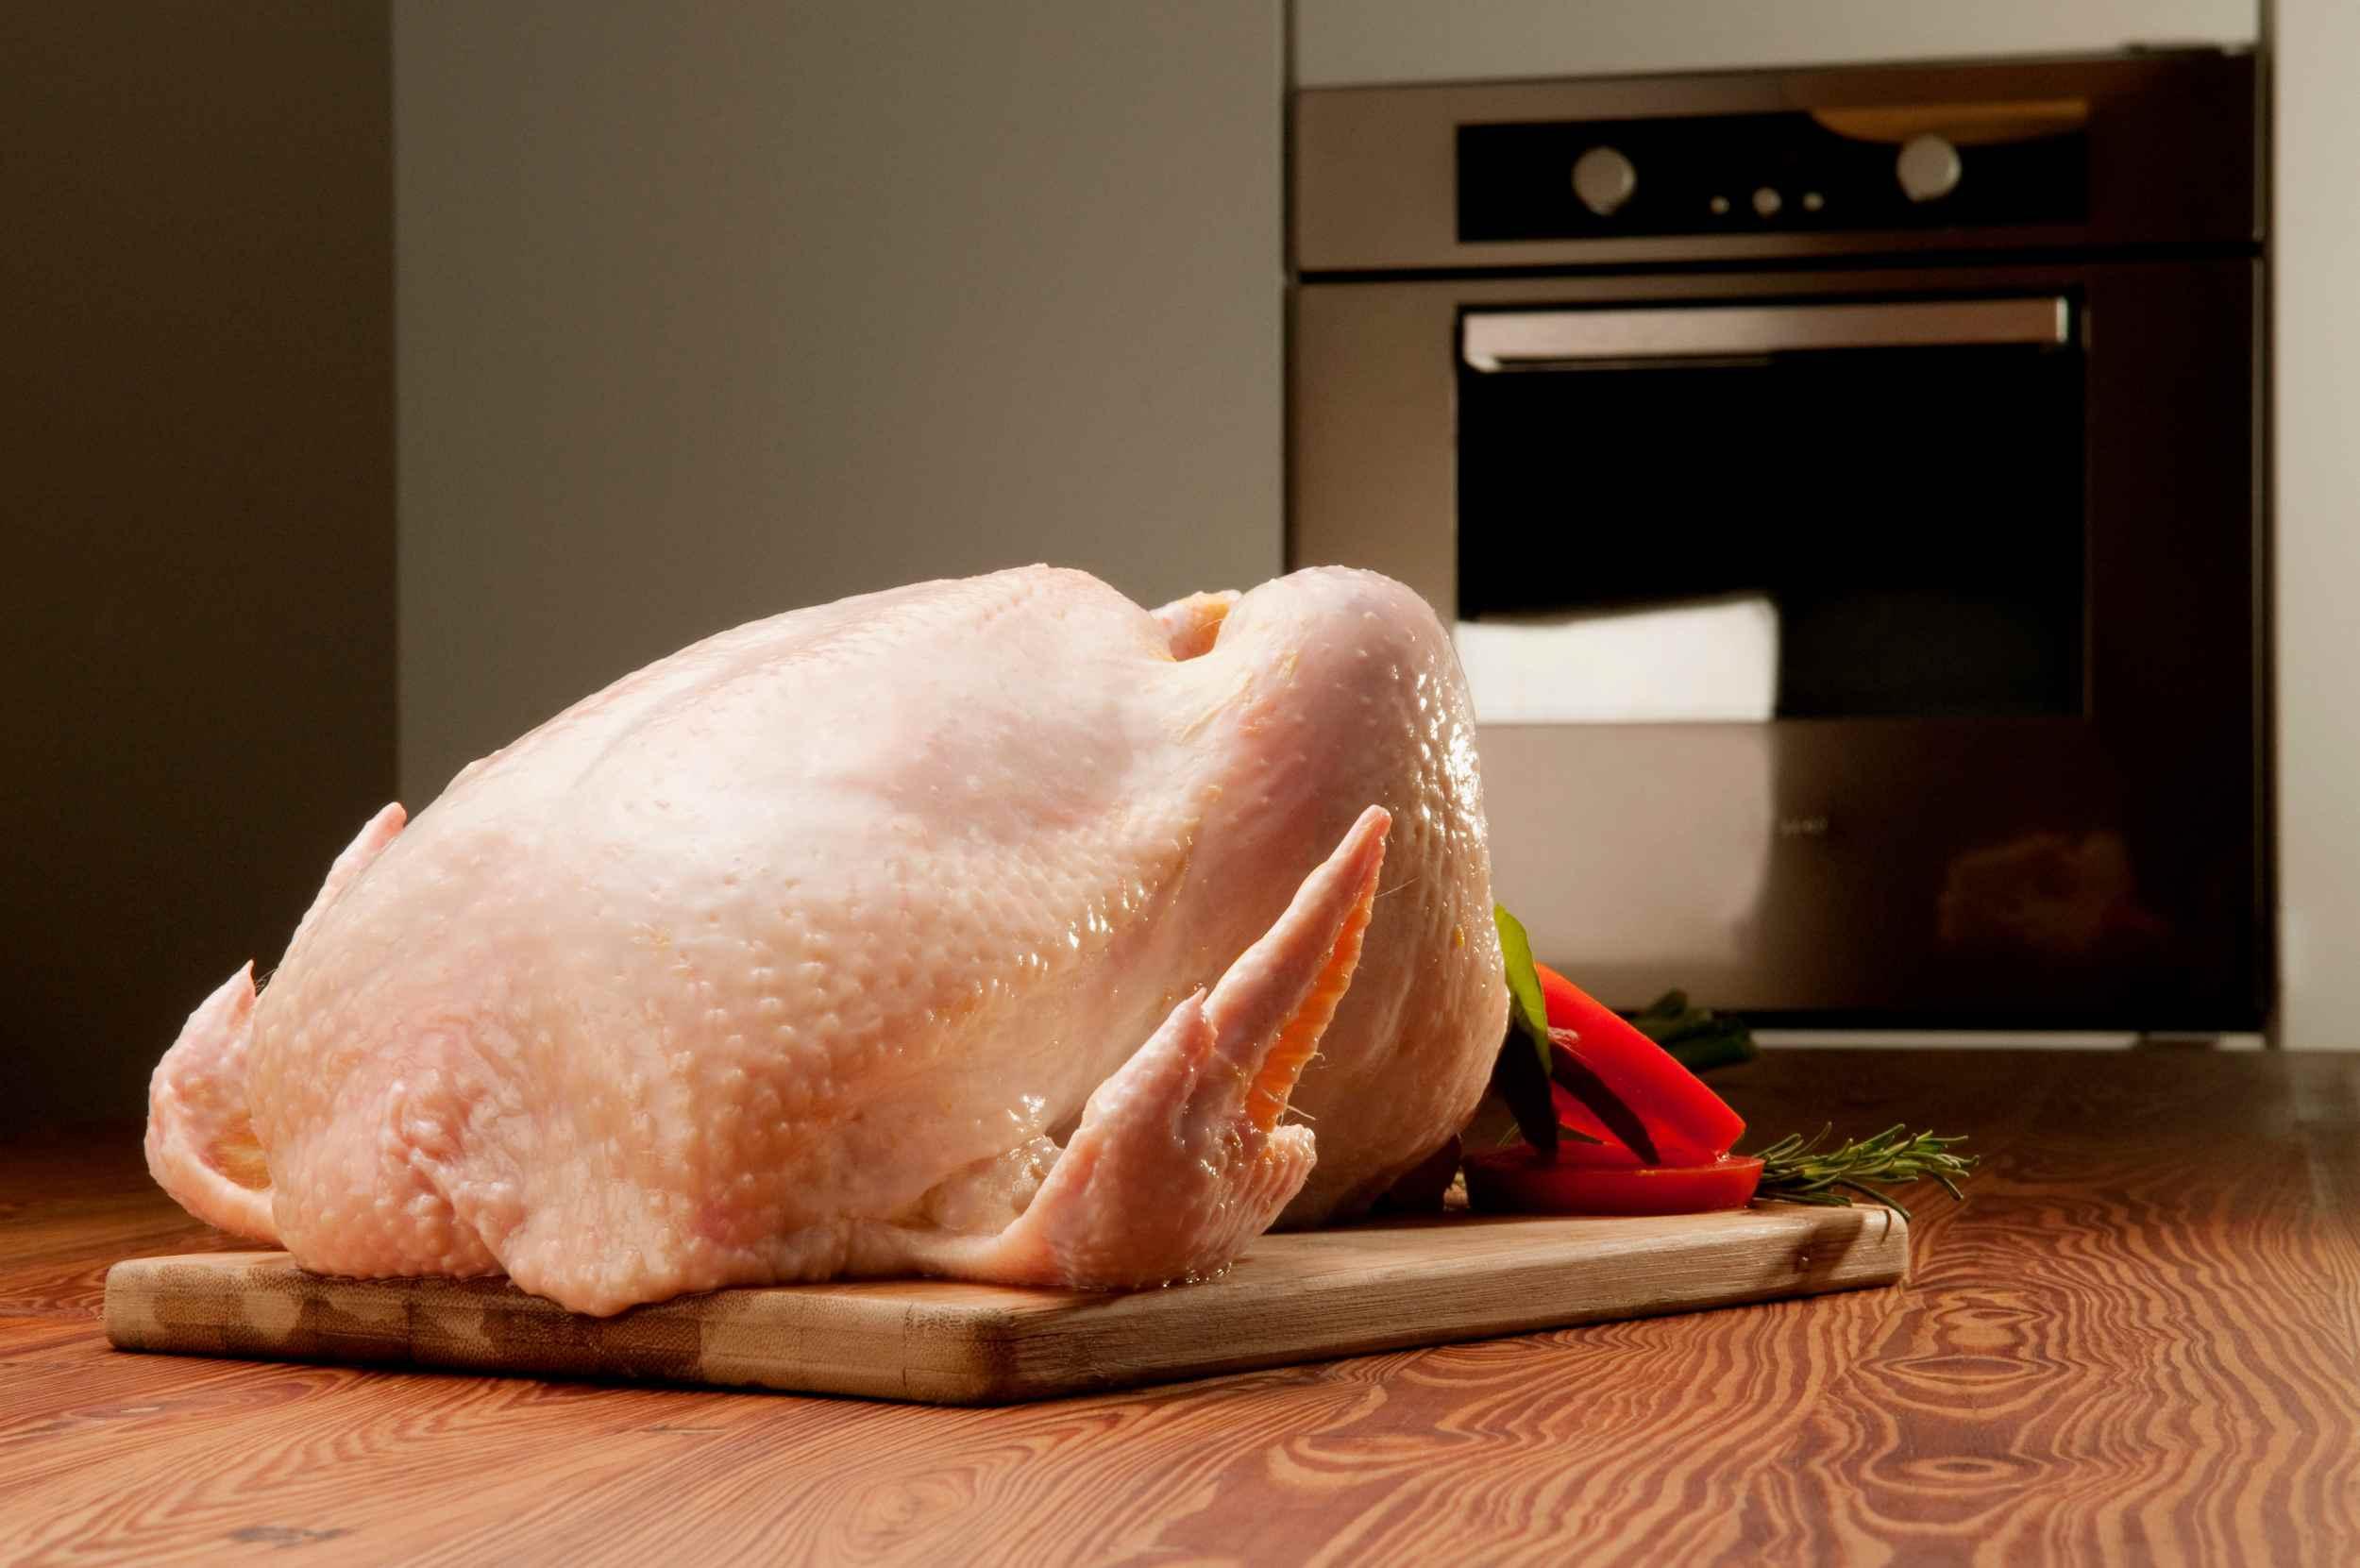 Raw turkey on a cutting board